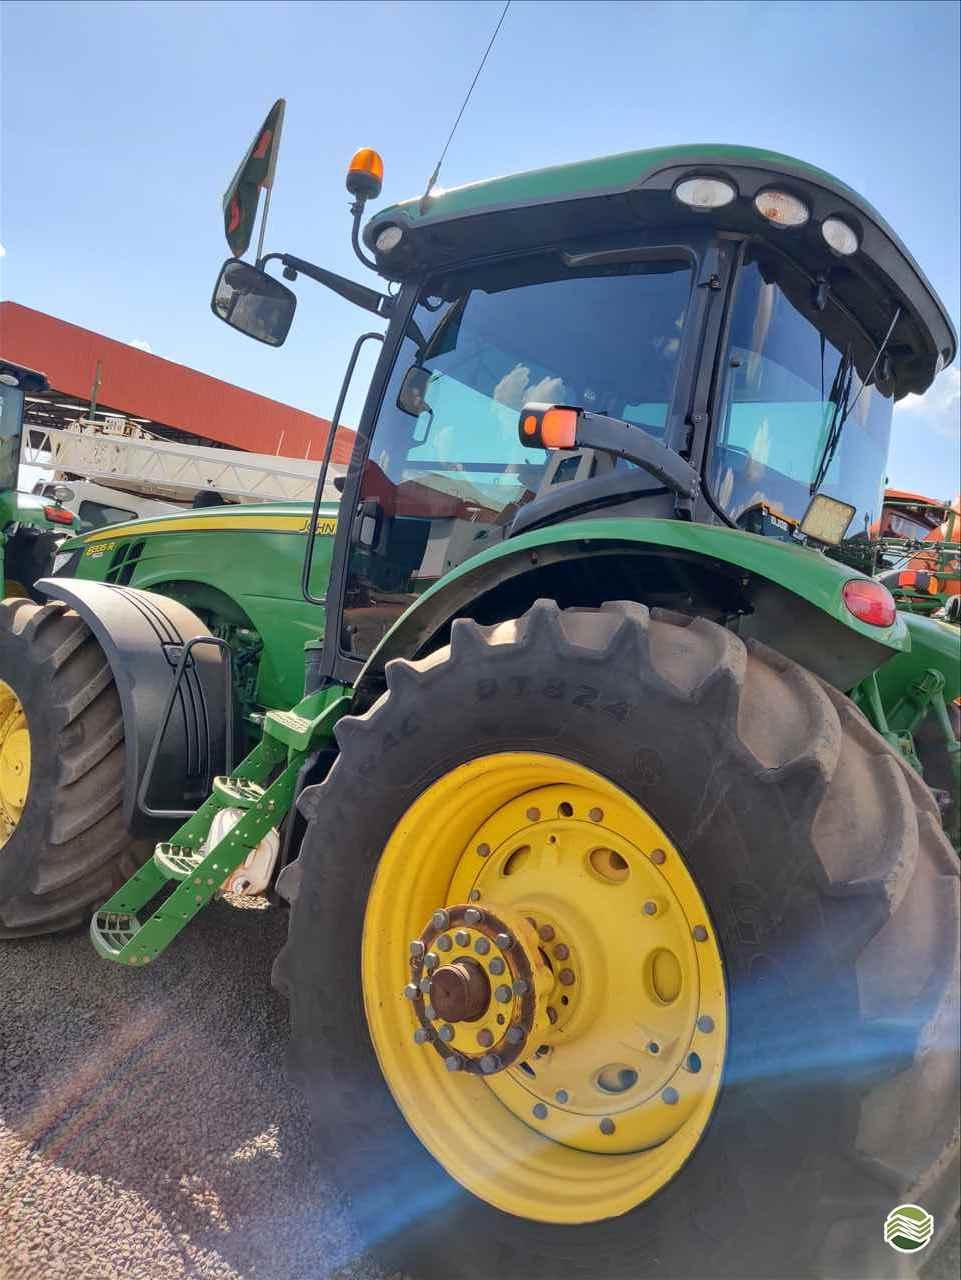 TRATOR JOHN DEERE JOHN DEERE 8335 Tração 4x4 Gama Máquinas Agrícolas RIO VERDE GOIAS GO